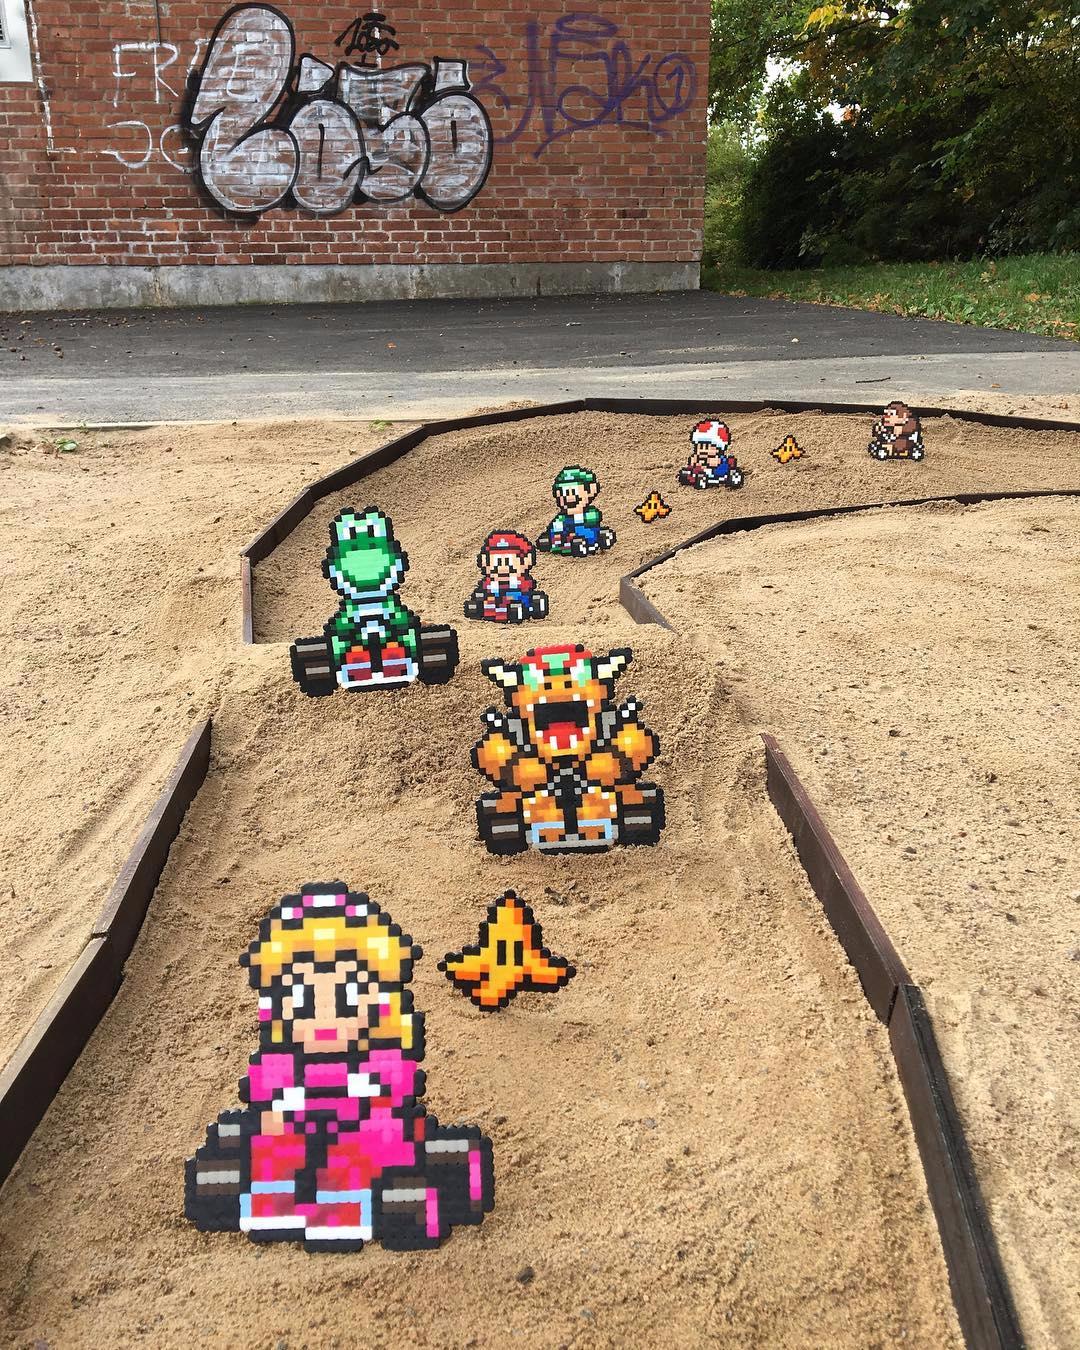 Lo street artist Pappas Parlor trasforma le città in retro game 2D | Collater.al 9